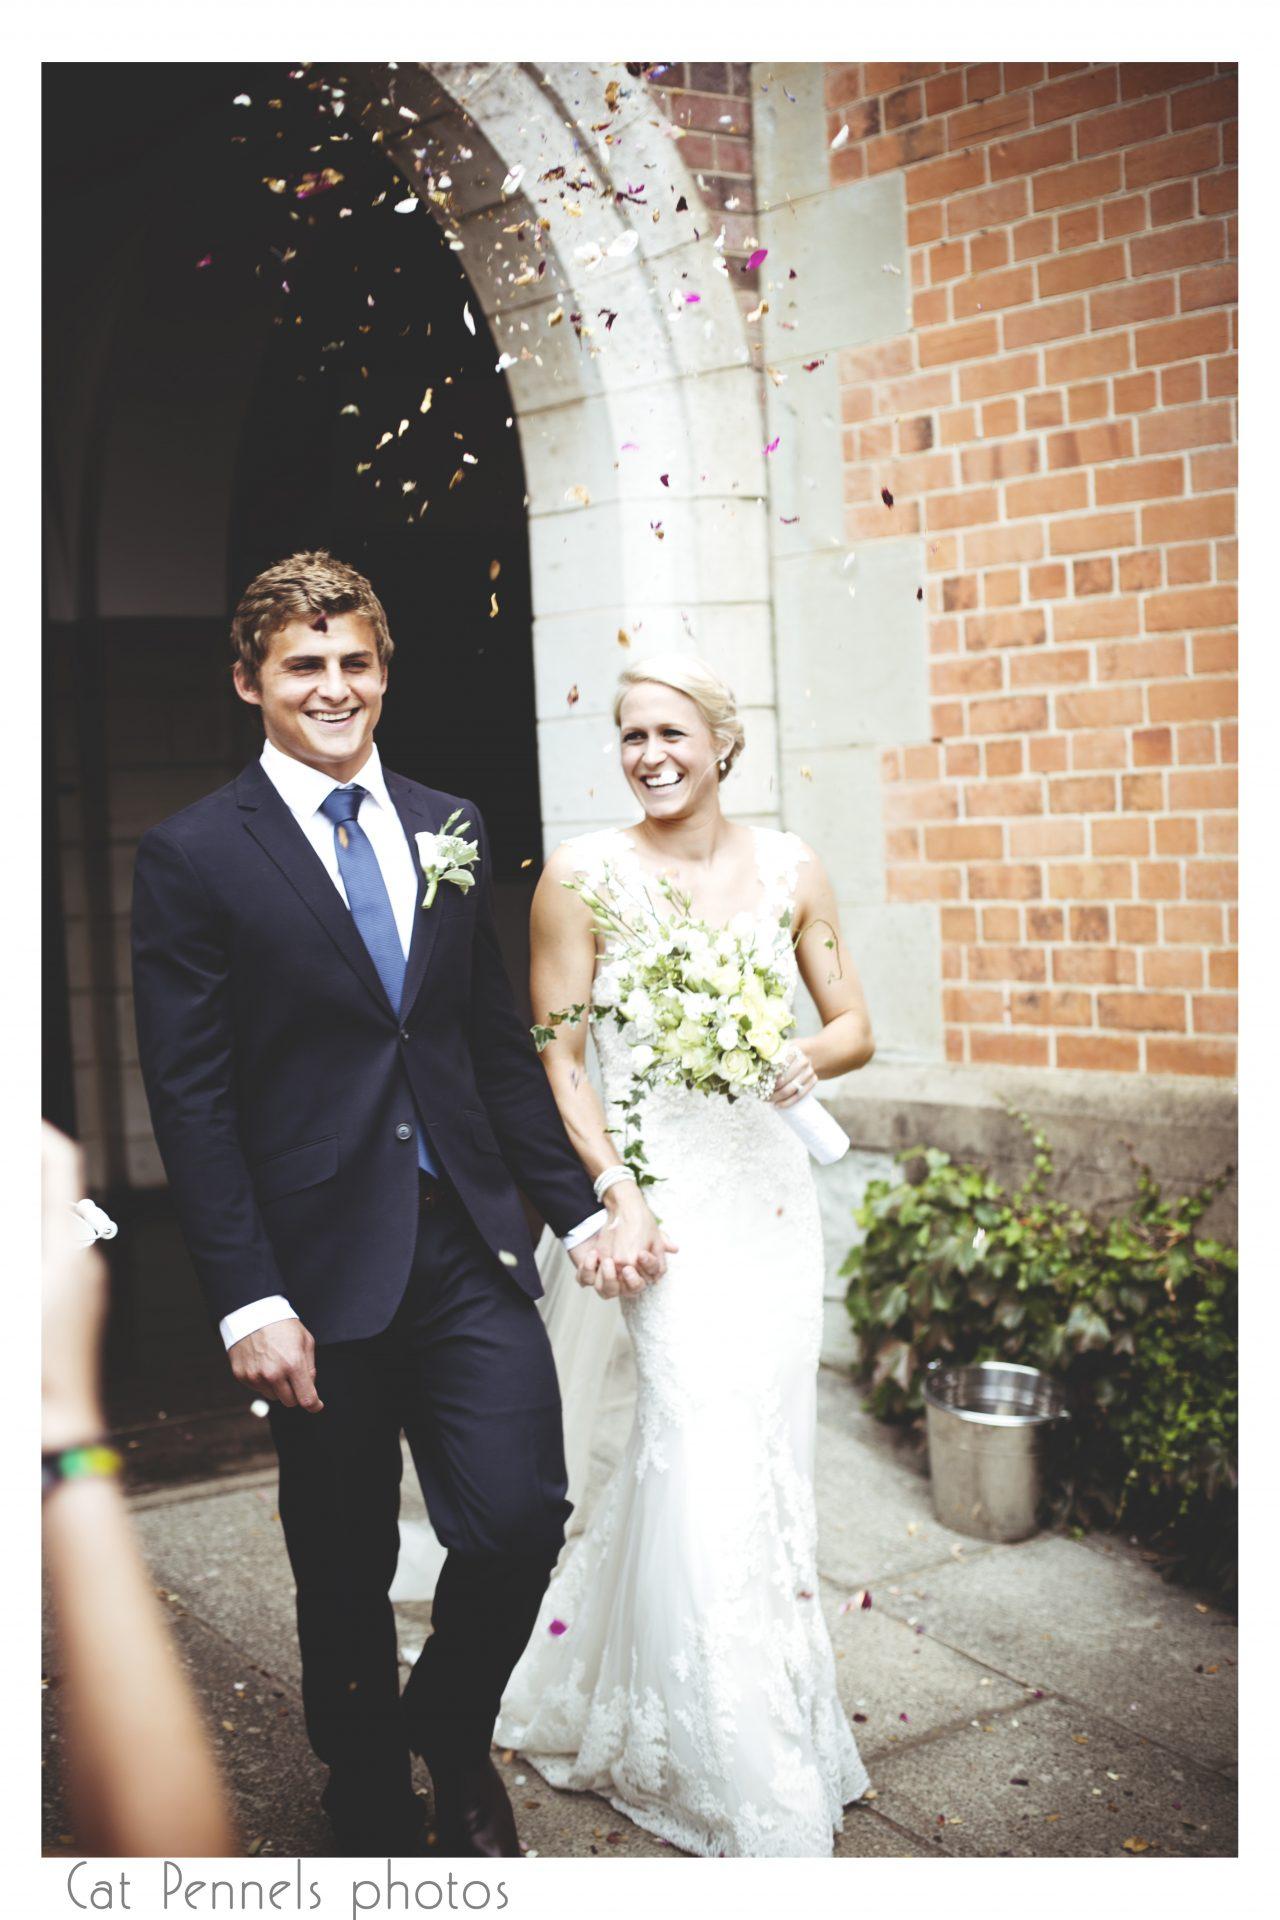 http://www.theballitomagazine.co.za/wp-content/uploads/Kate-Lambie-1-1280x1920.jpeg